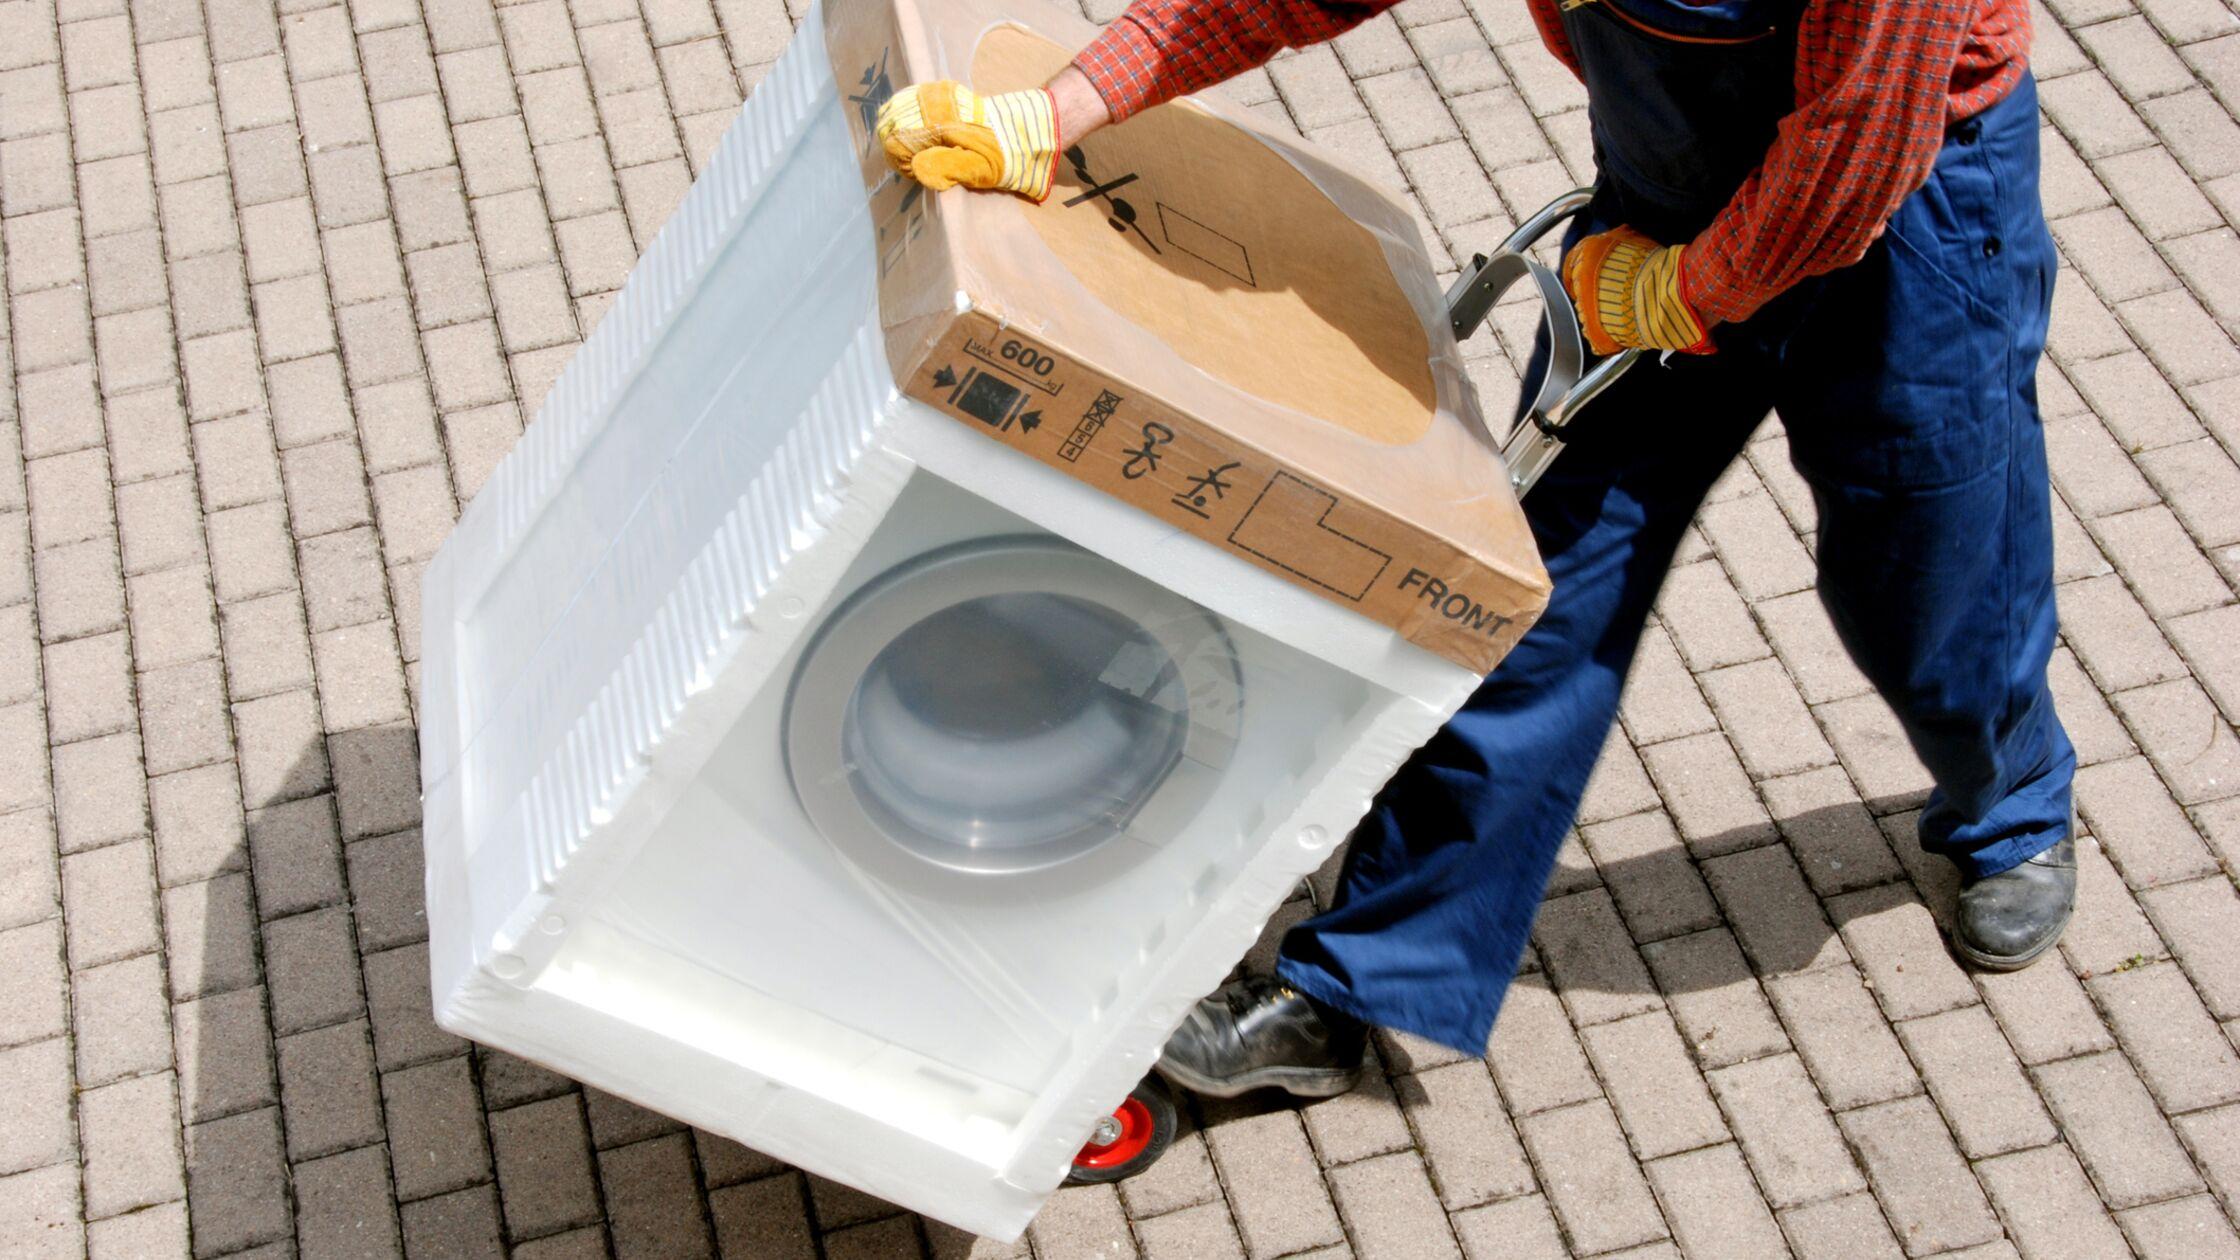 Hervorragend Waschmaschine transportieren: So geht's sicher in die neue Wohnung HP33